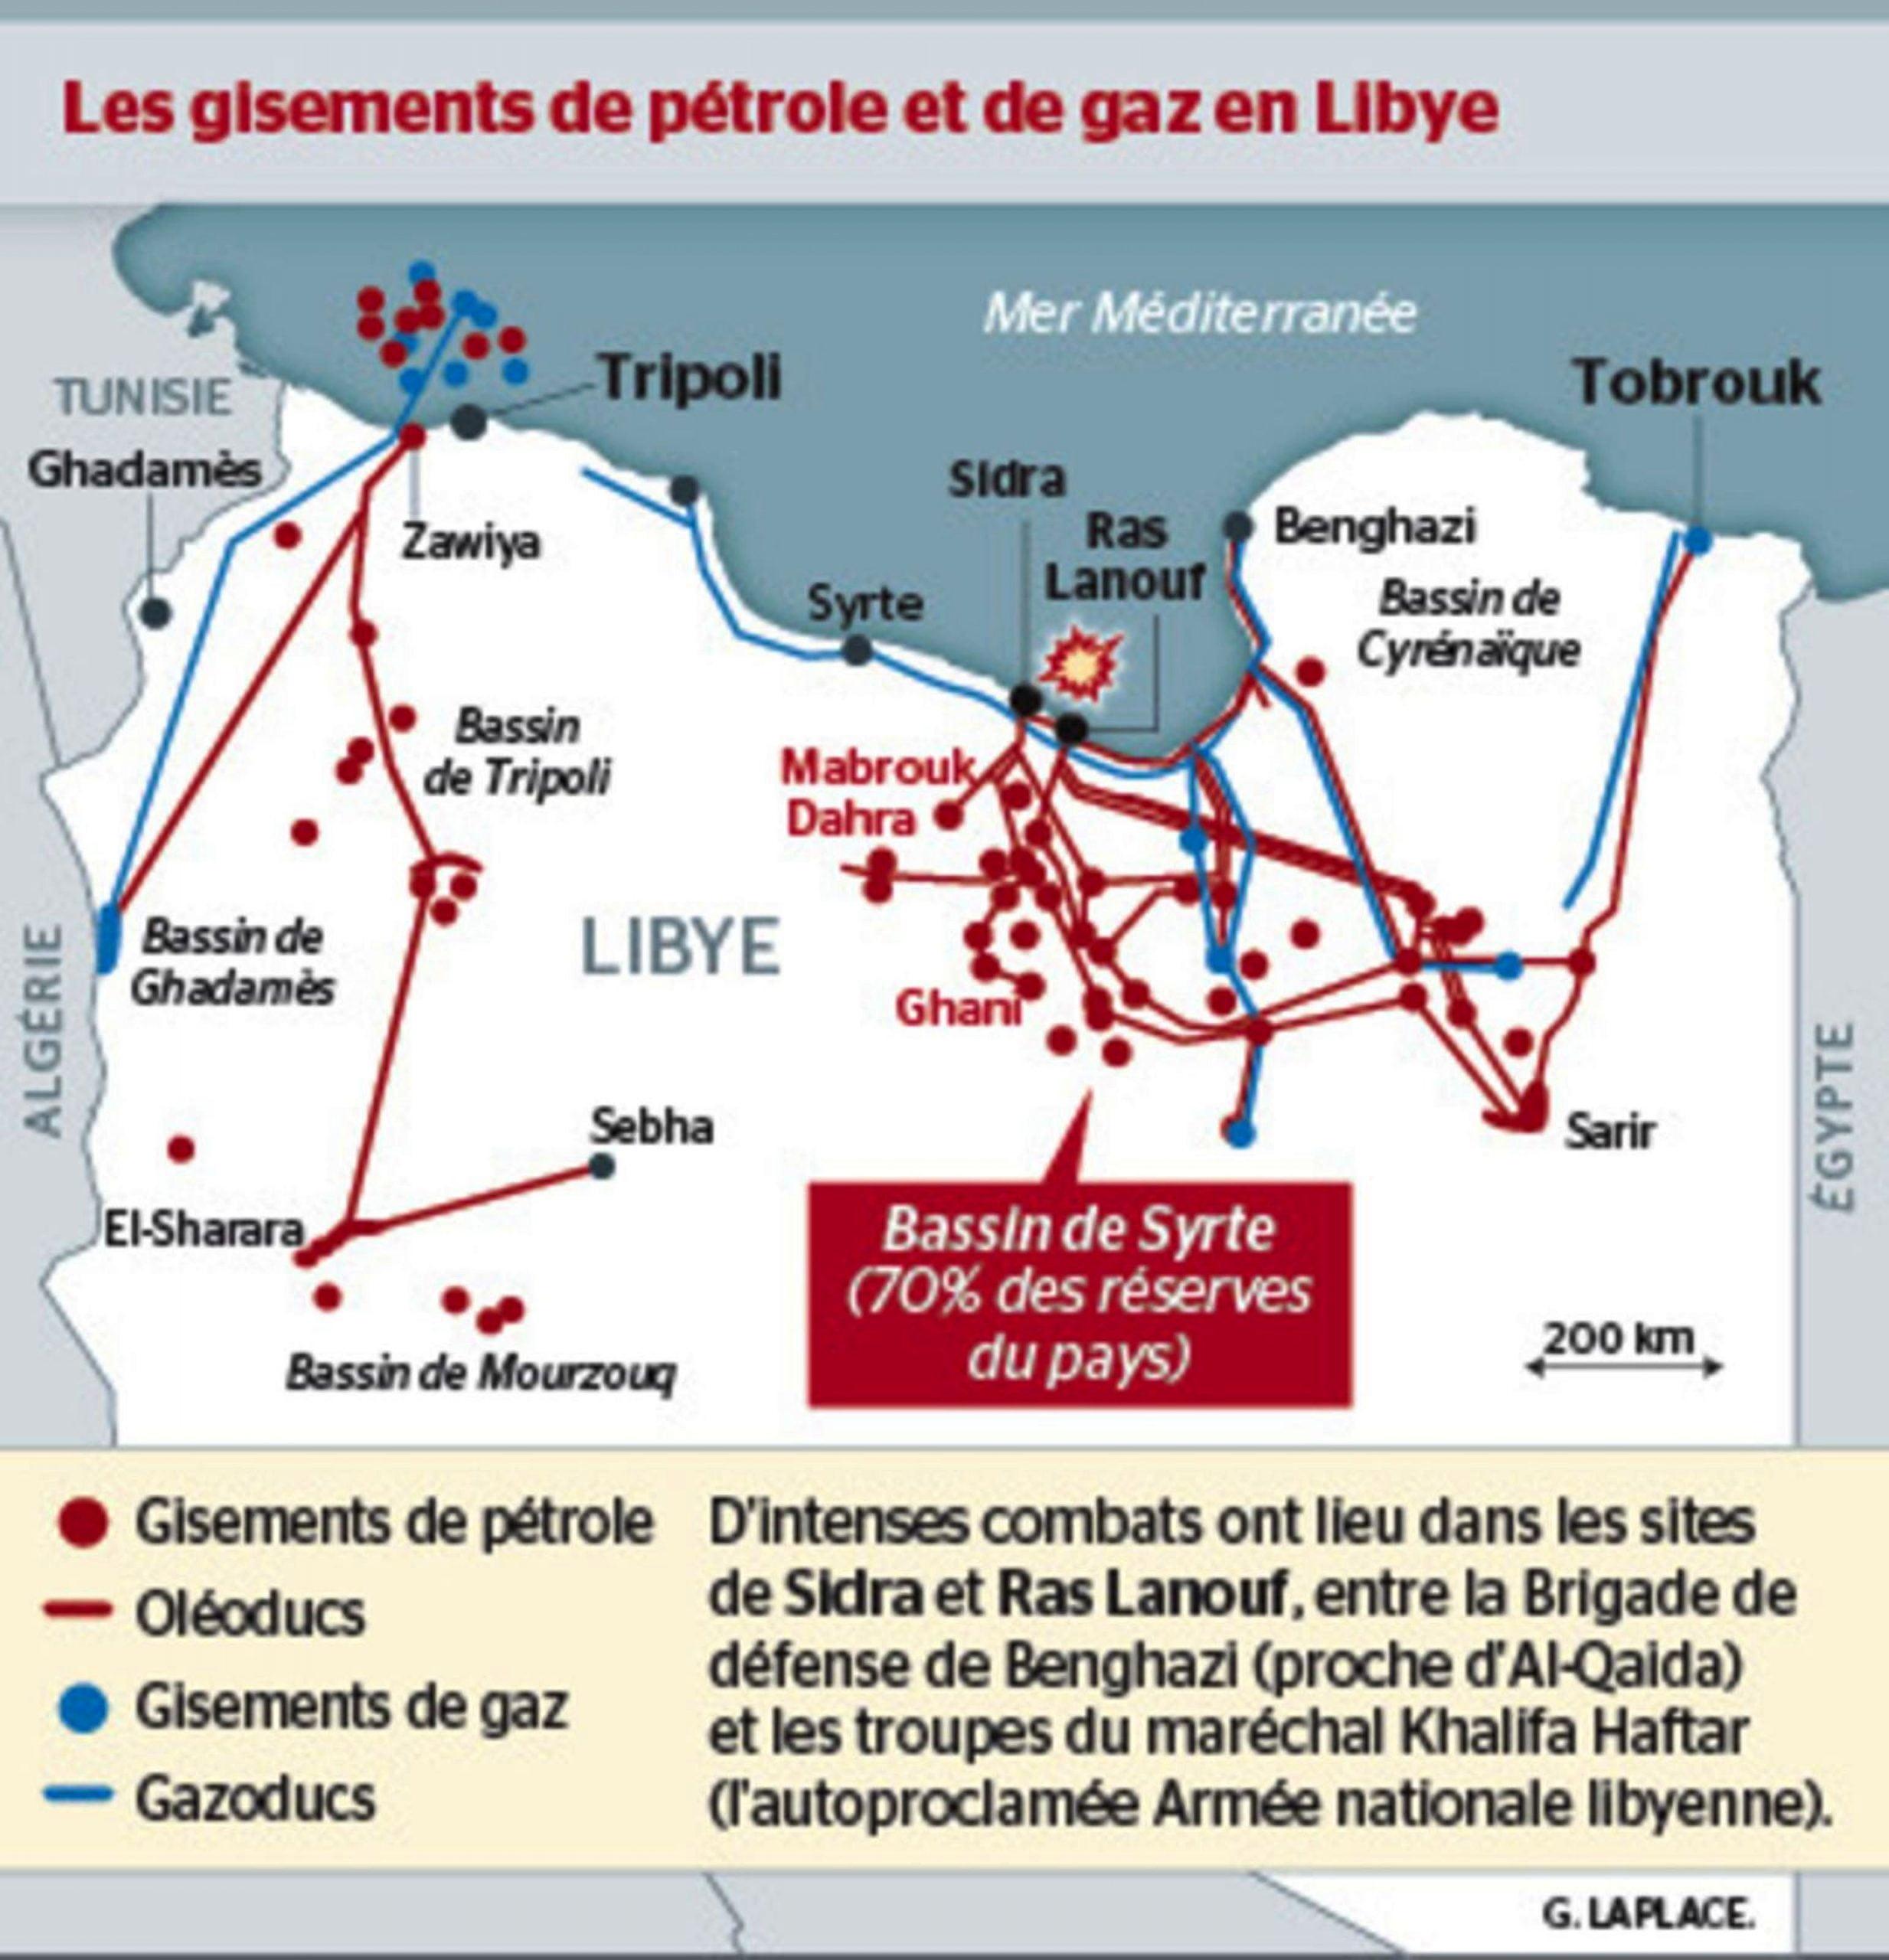 Λιβύη – Ρώσοι ιδιωτικοί στρατιωτικοί ανάλαβαν τον έλεγχο του μεγαλύτερου κοιτάσματος πετρελαίου, ο αλγερινός στρατός σε επιφυλακή